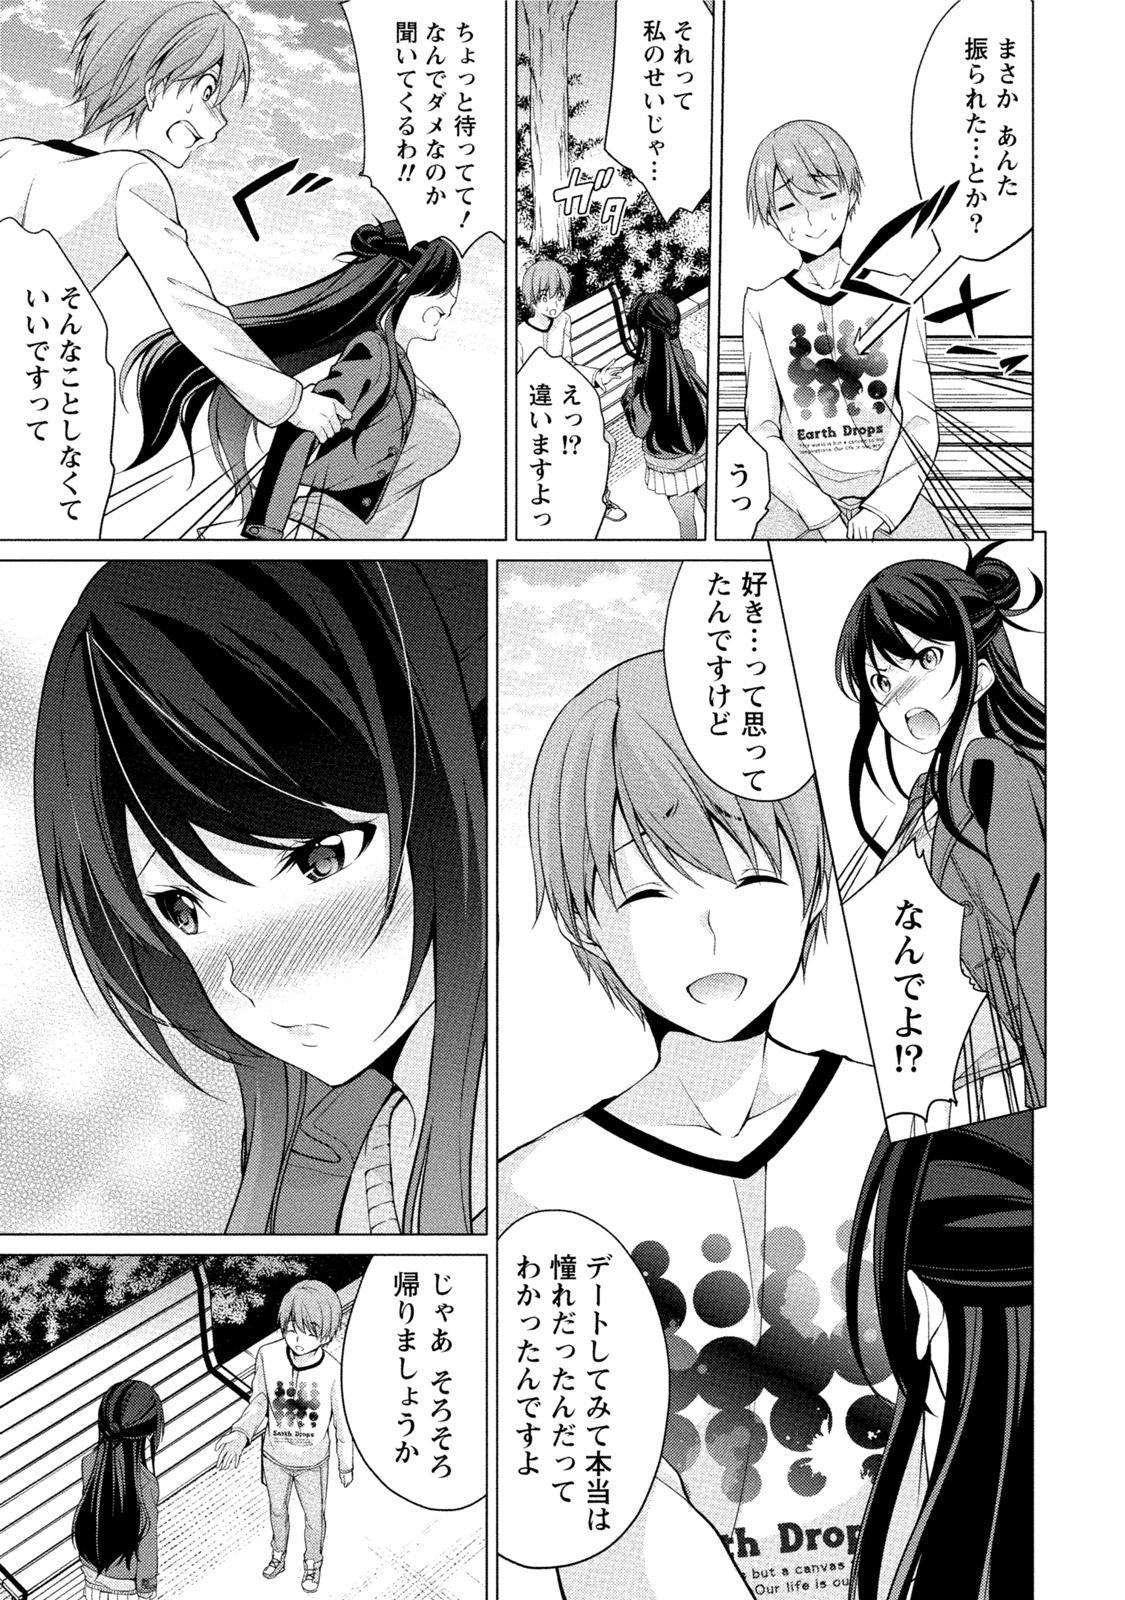 Ecchi na Watashi ja Dame desu ka? 13